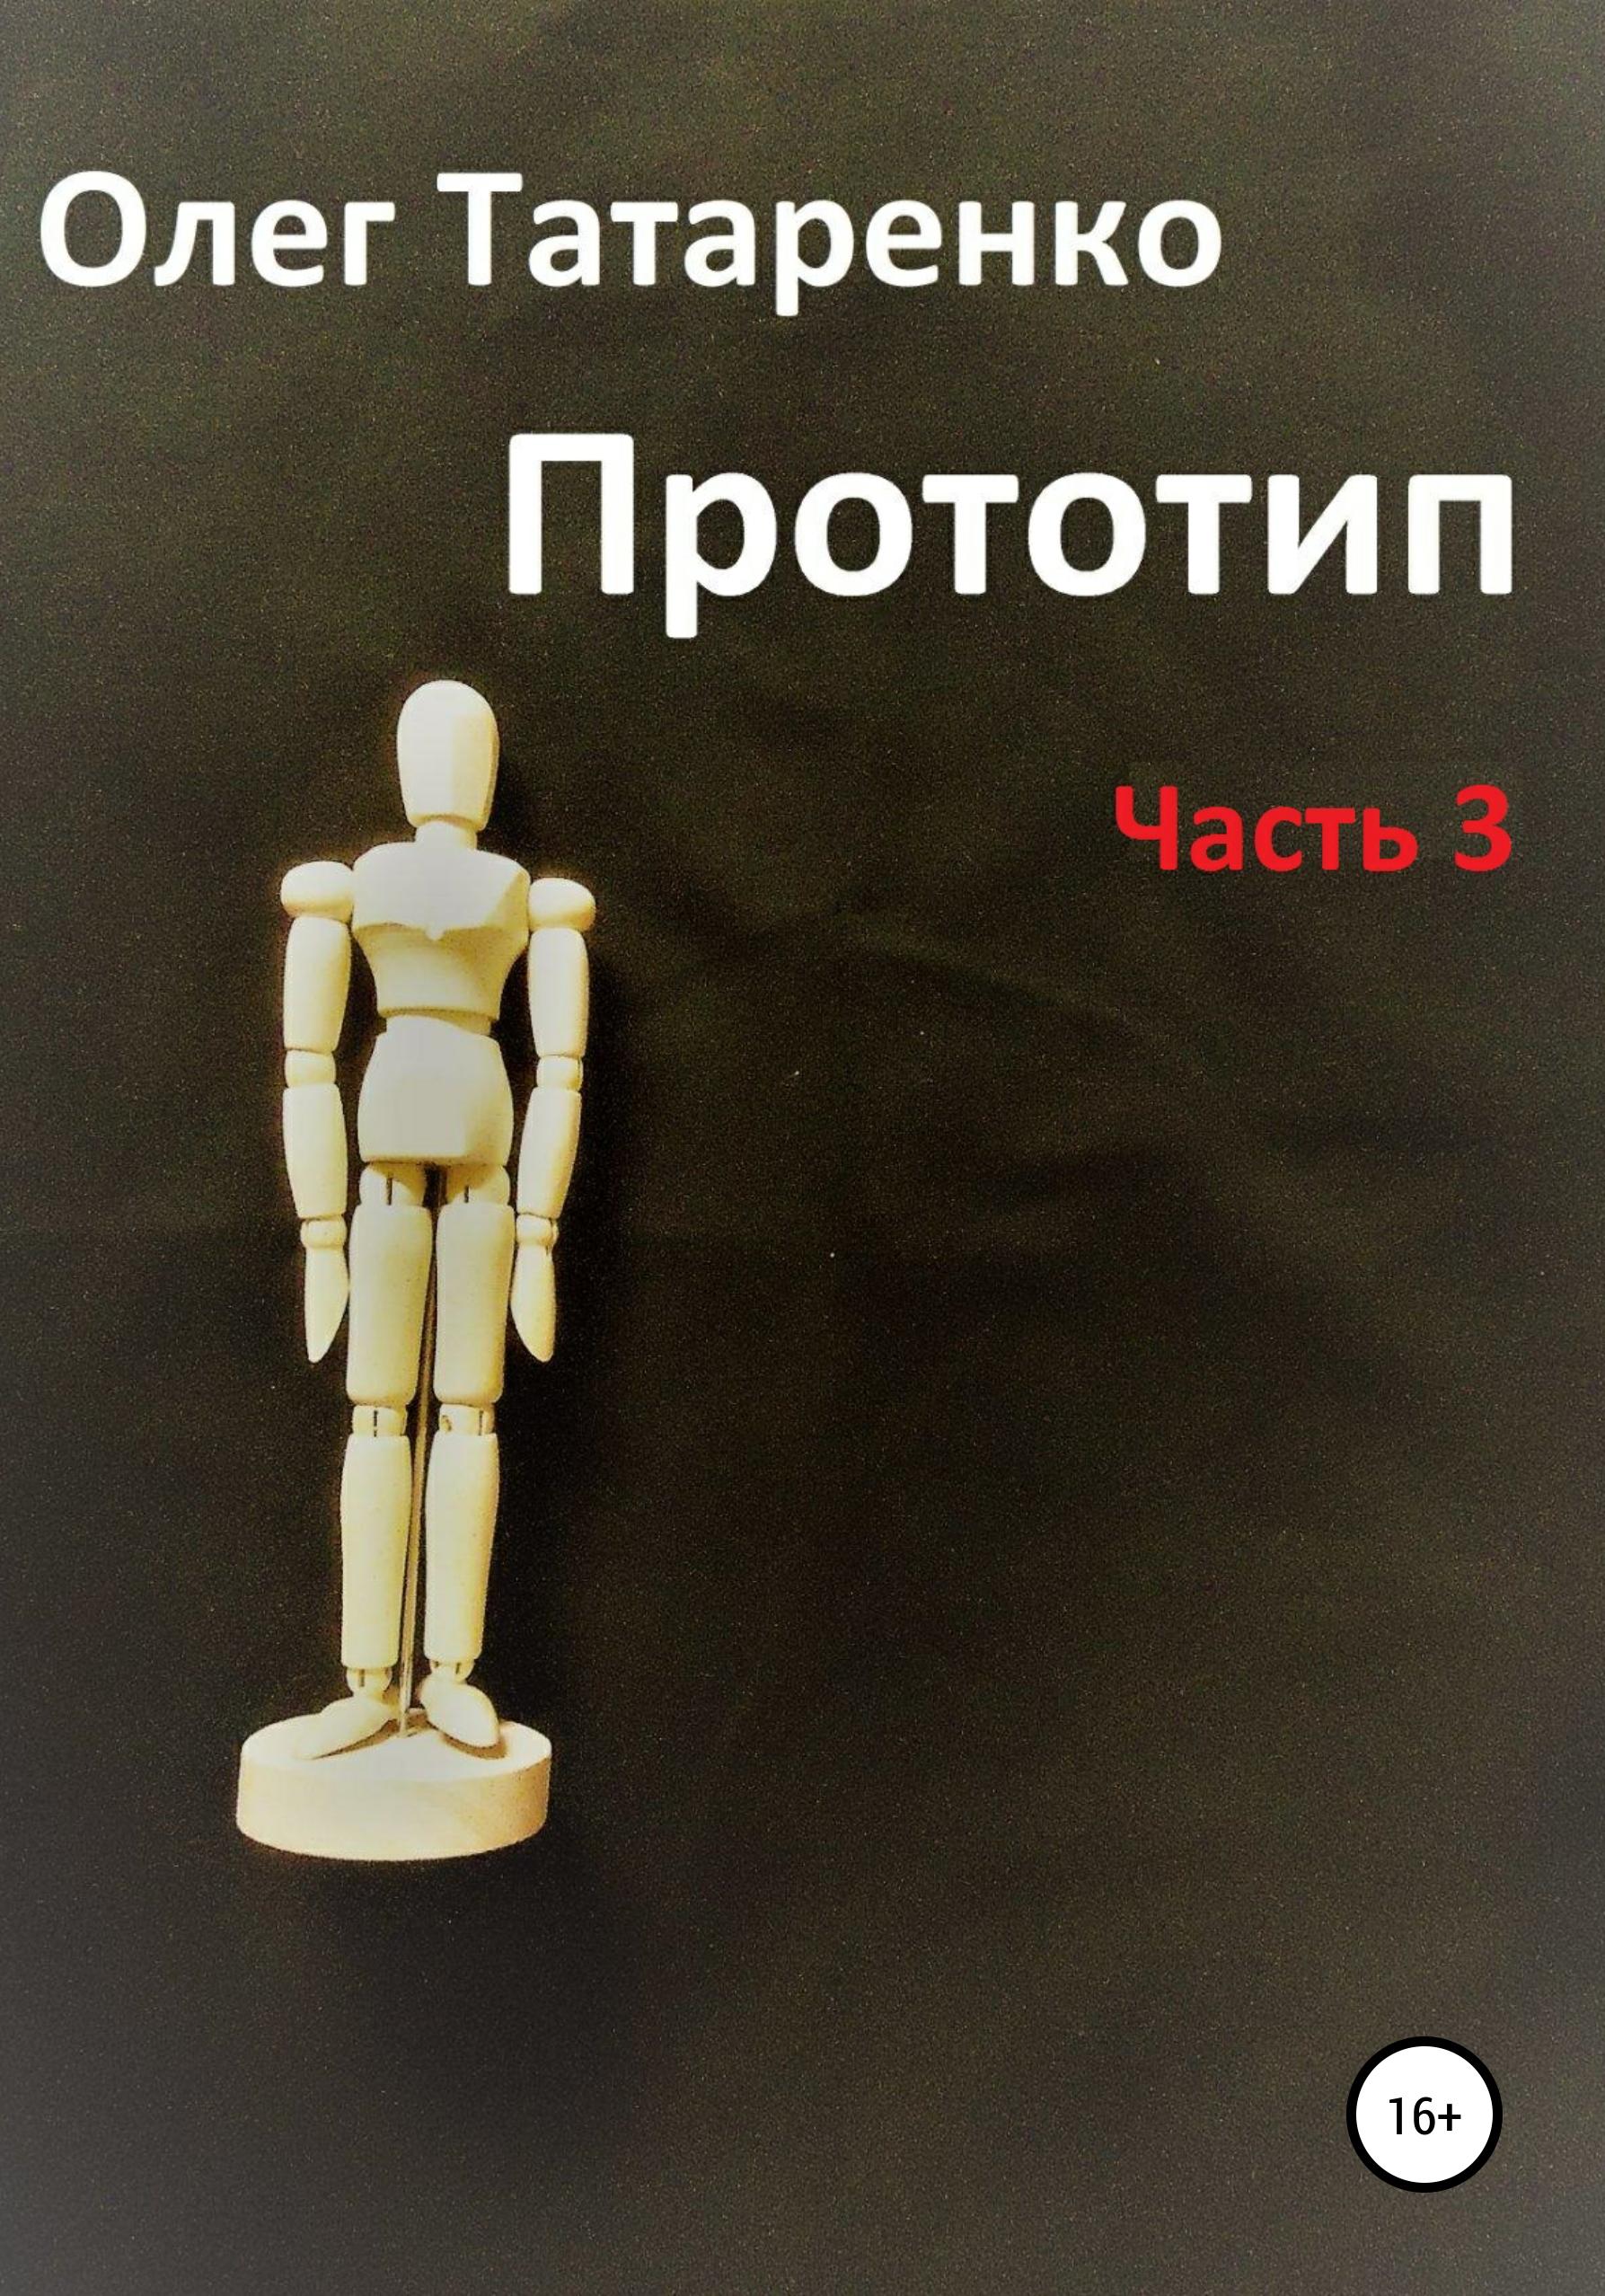 Олег Татаренко Прототип. Часть 3